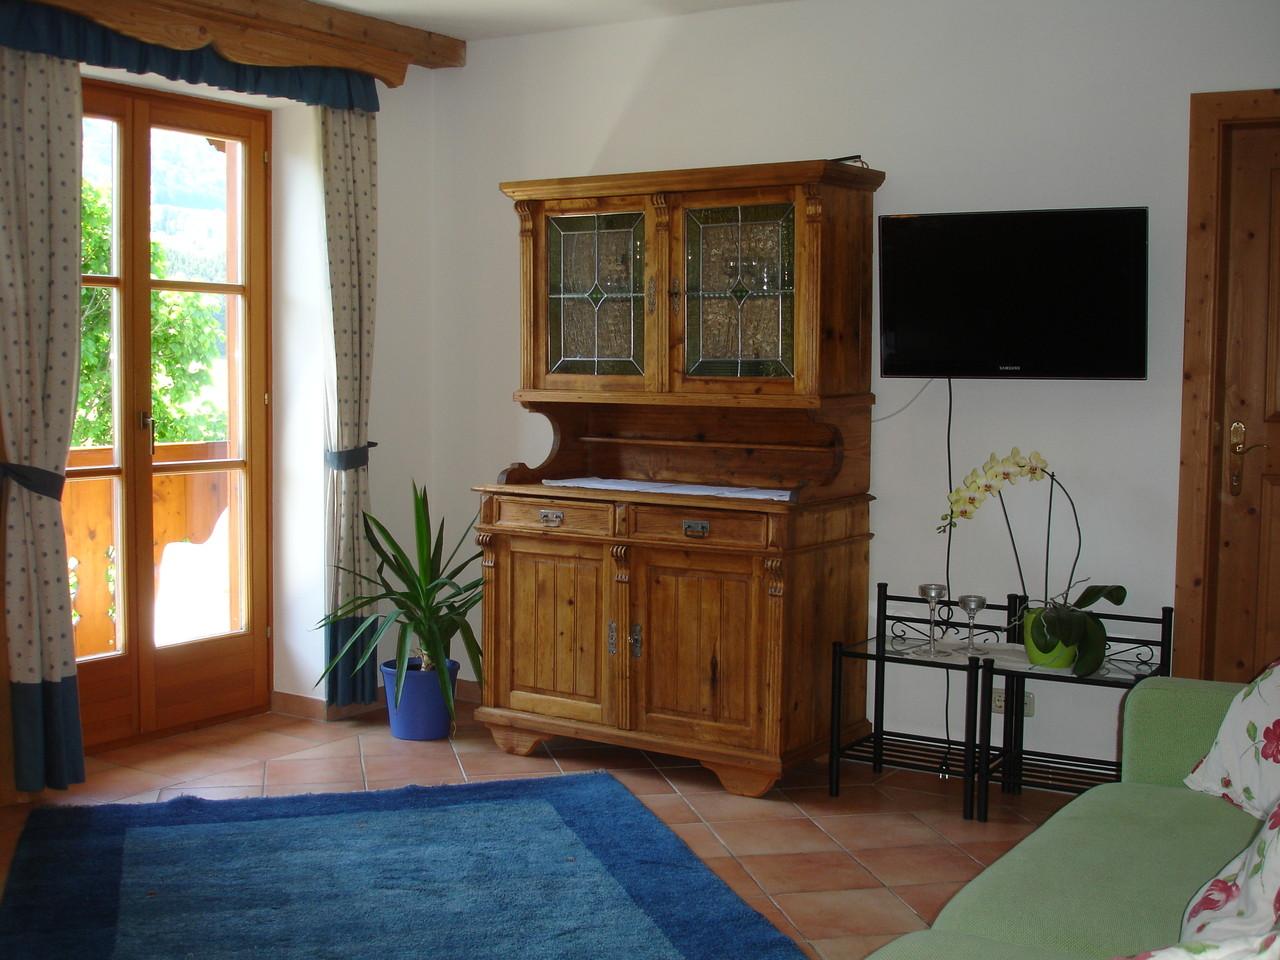 Antike Komode in der Blaue Wohnung.